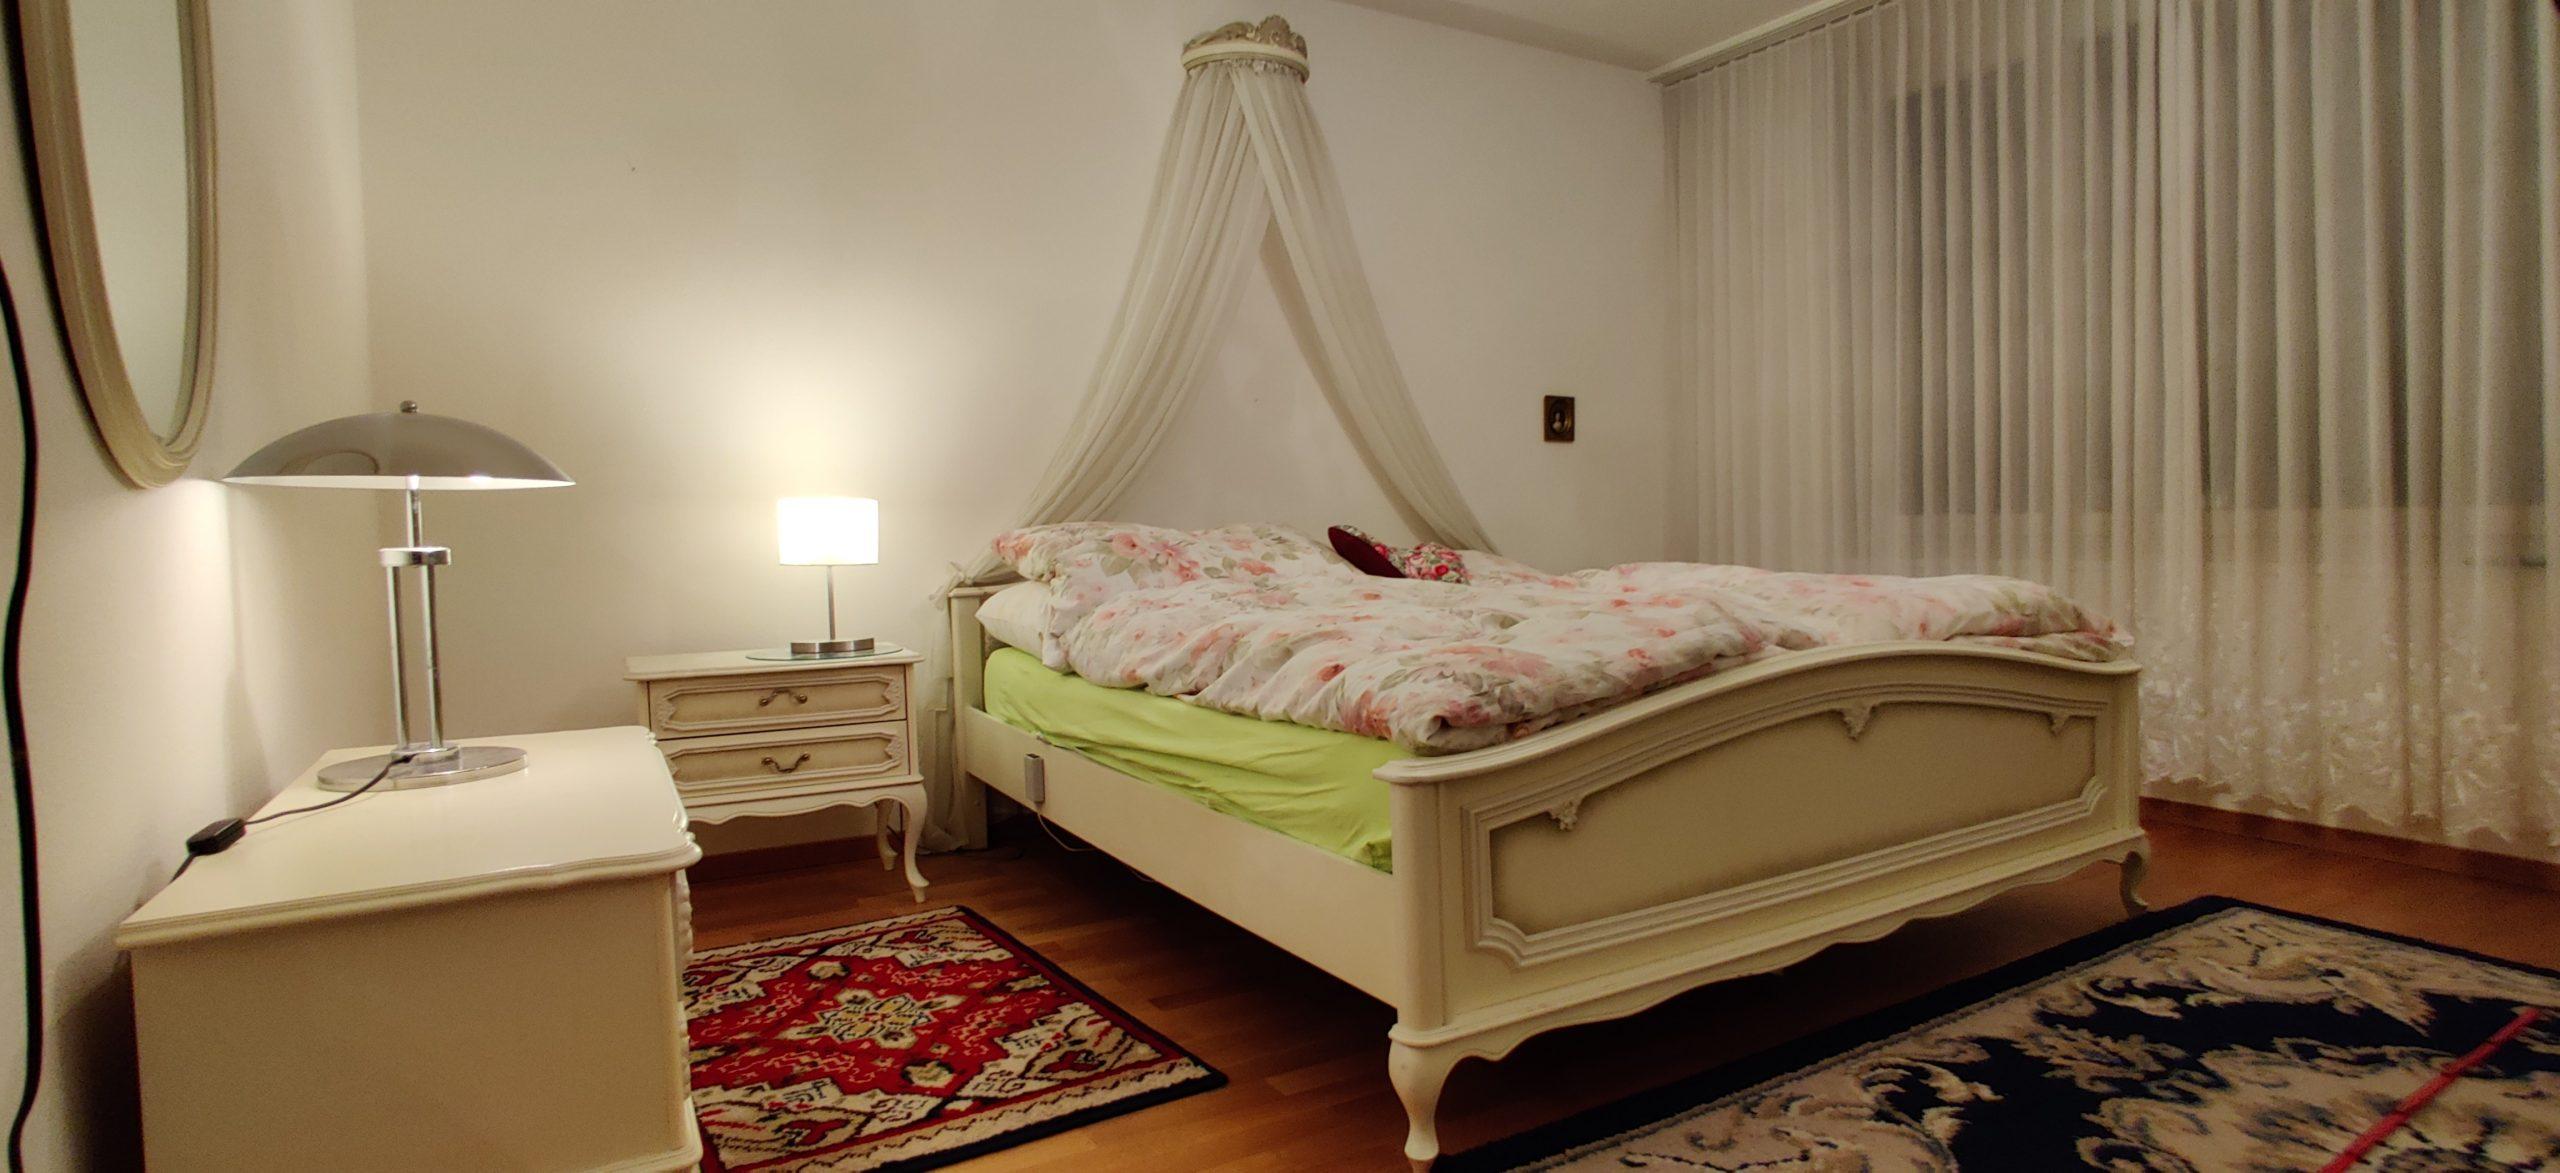 Full Size of Romantische Schlafzimmer Einrichtung Universitt Basel Sitzbank Stuhl Deckenlampe Schranksysteme Wandtattoos Komplett Massivholz Klimagerät Für Deckenleuchte Schlafzimmer Romantische Schlafzimmer